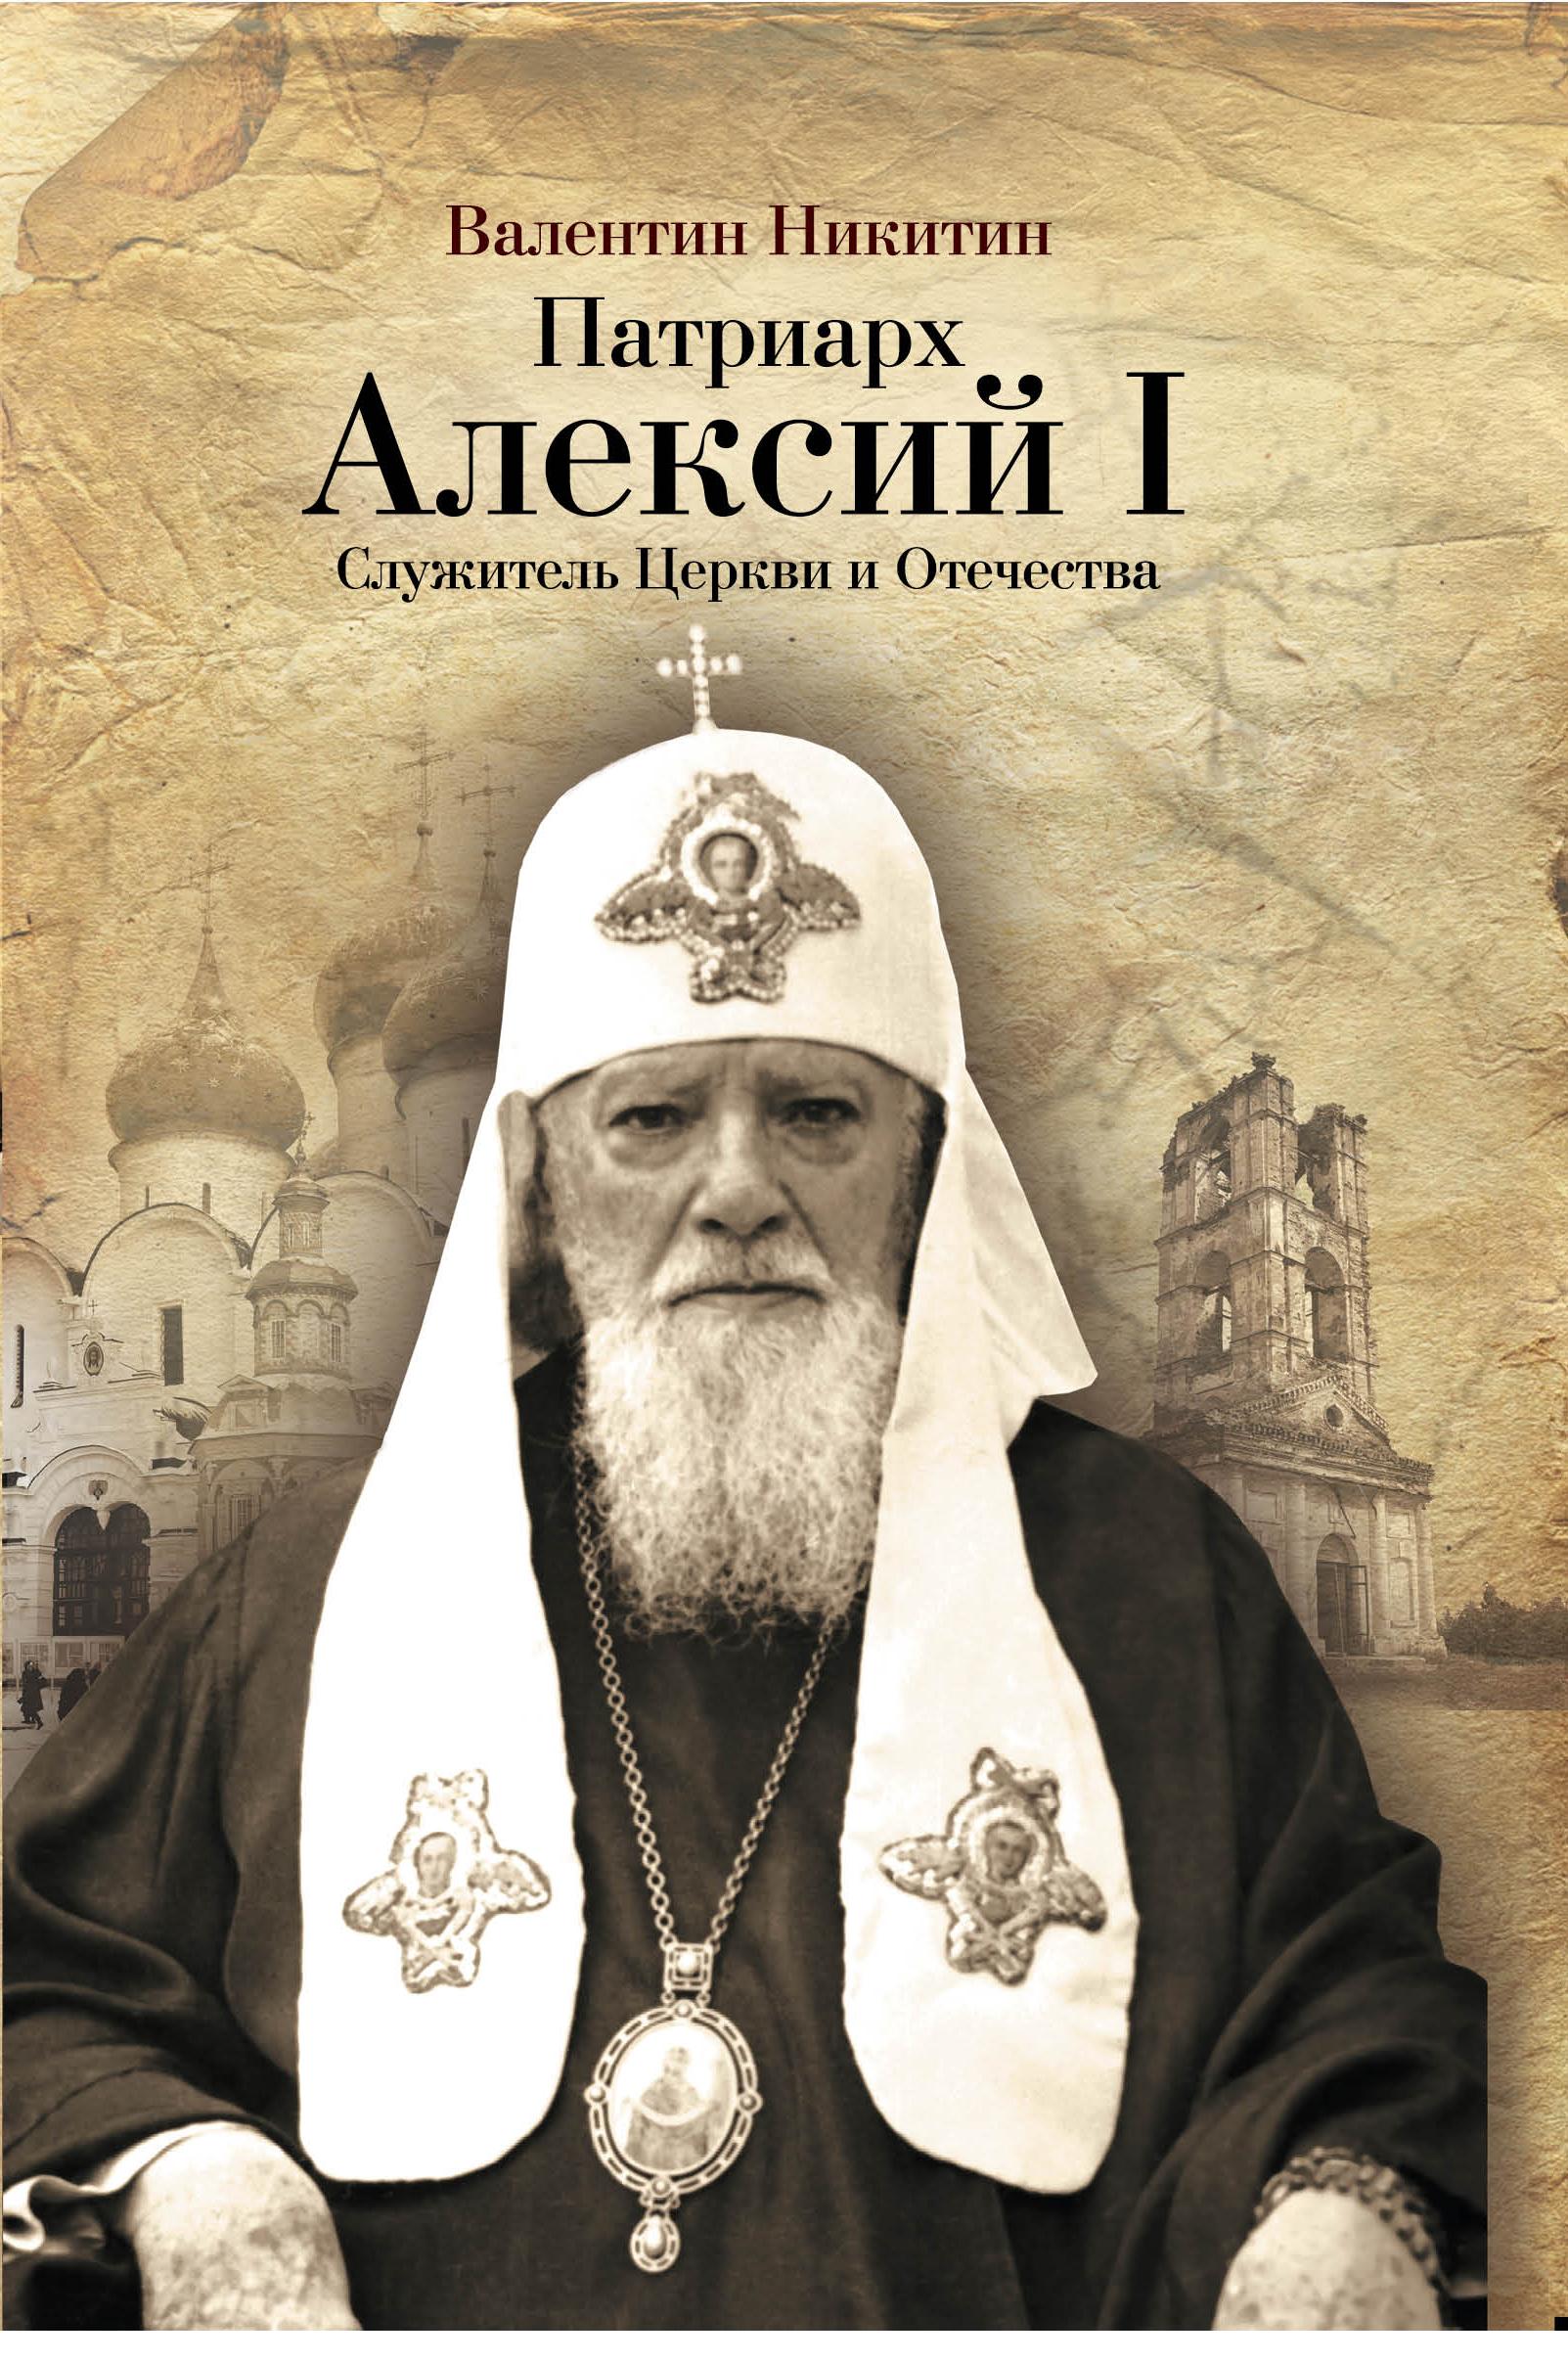 Патриарх Алексий I: Служитель Церкви и Отечества